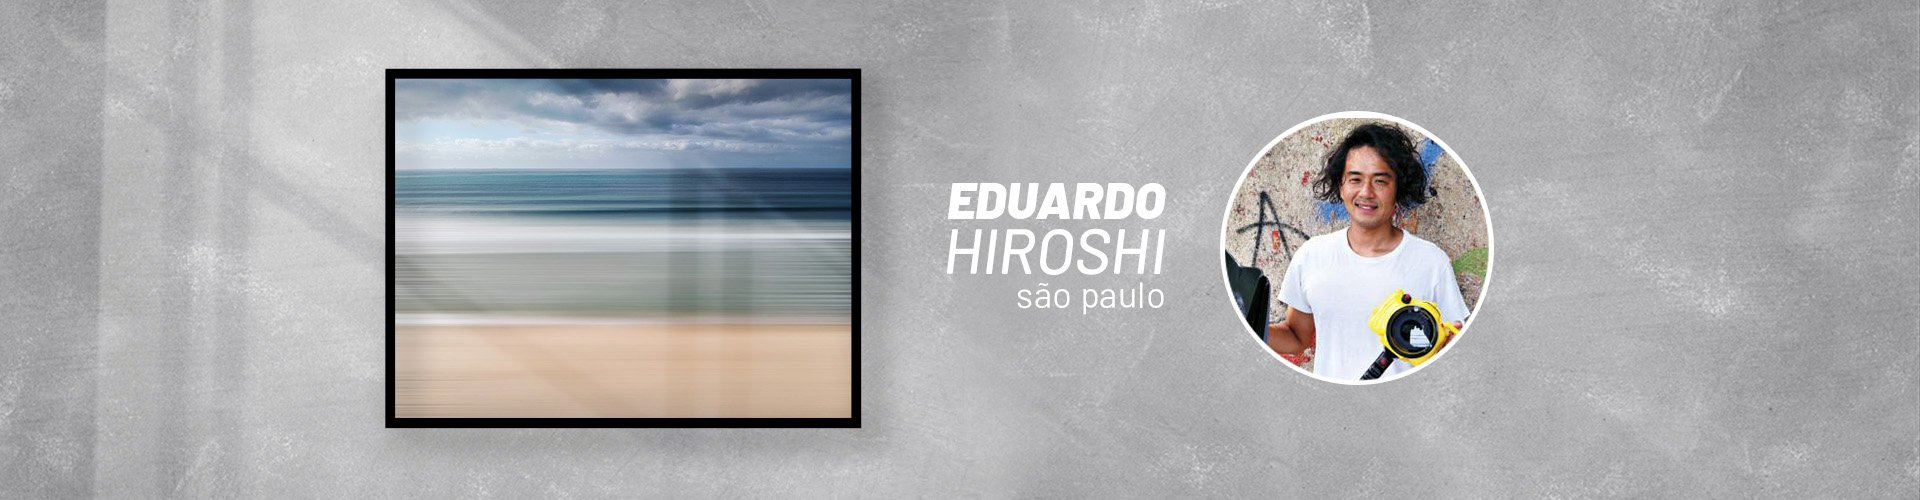 Página Artista | Eduardo Hiroshi